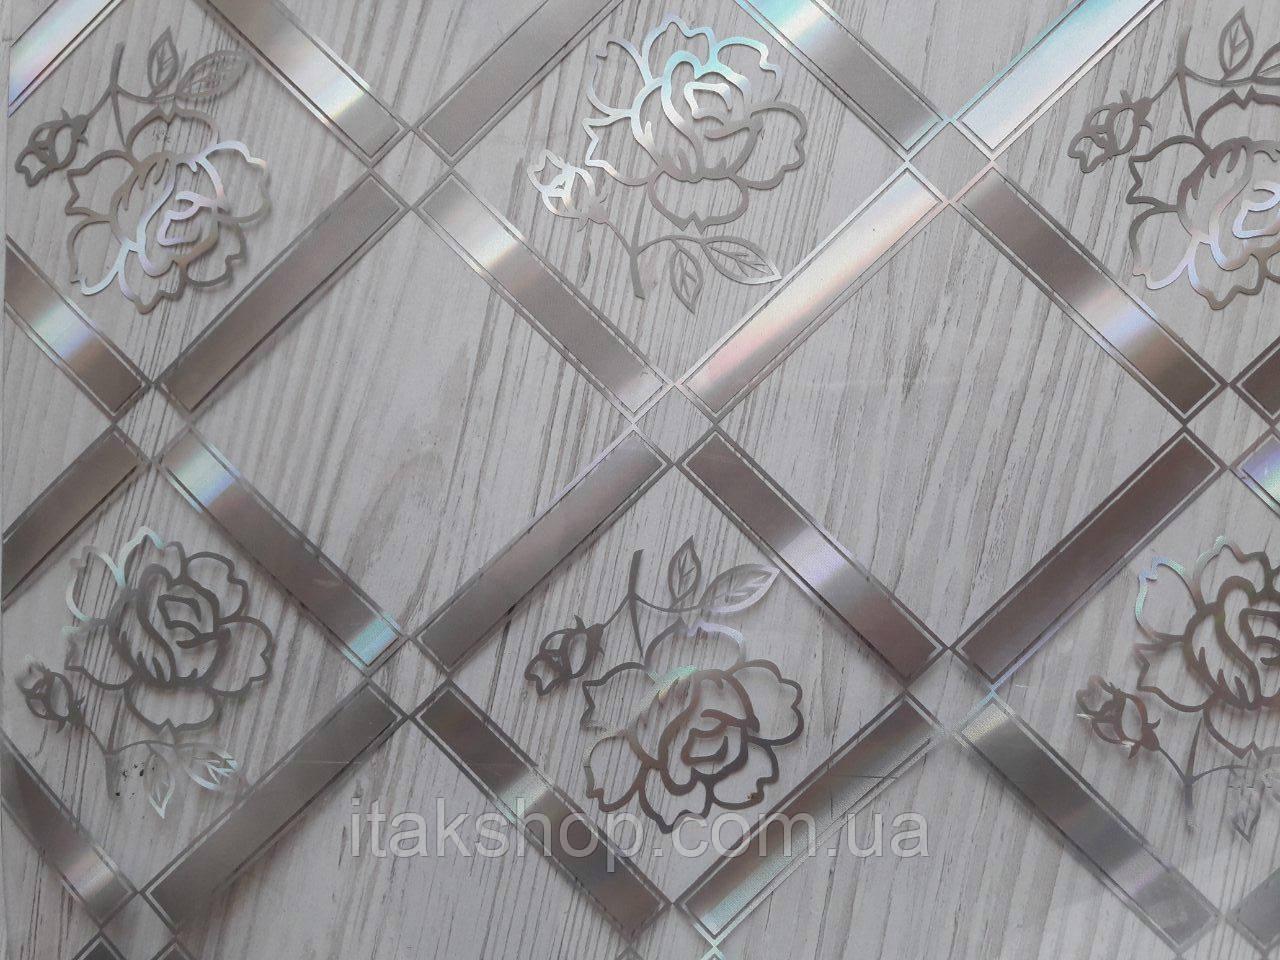 Мягкое стекло Скатерть с лазерным рисунком Soft Glass 1.1х0.8м толщина 1.5мм Серебристая роза в квадрате